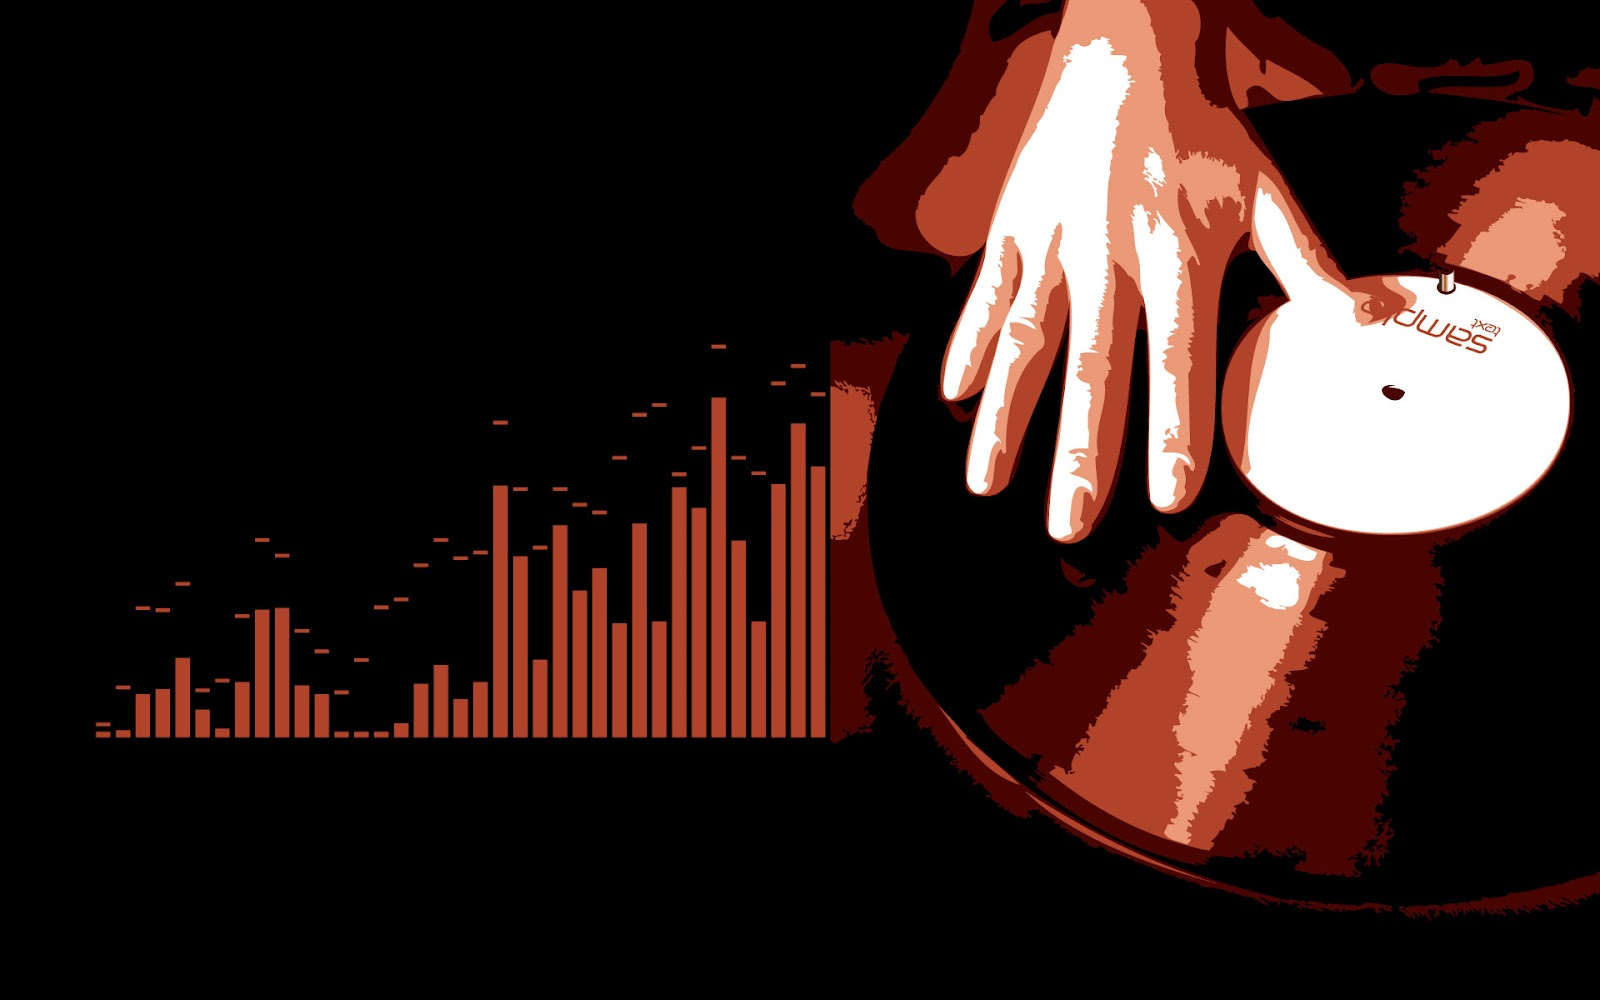 http://4.bp.blogspot.com/-JQLSIhNpBGU/T5y_u1MvWMI/AAAAAAAAESk/0e-JTf8k4VE/s1600/dubstep+wallpaper+-+thewallpaperdb.blogspot.com+(-)+(77).jpg